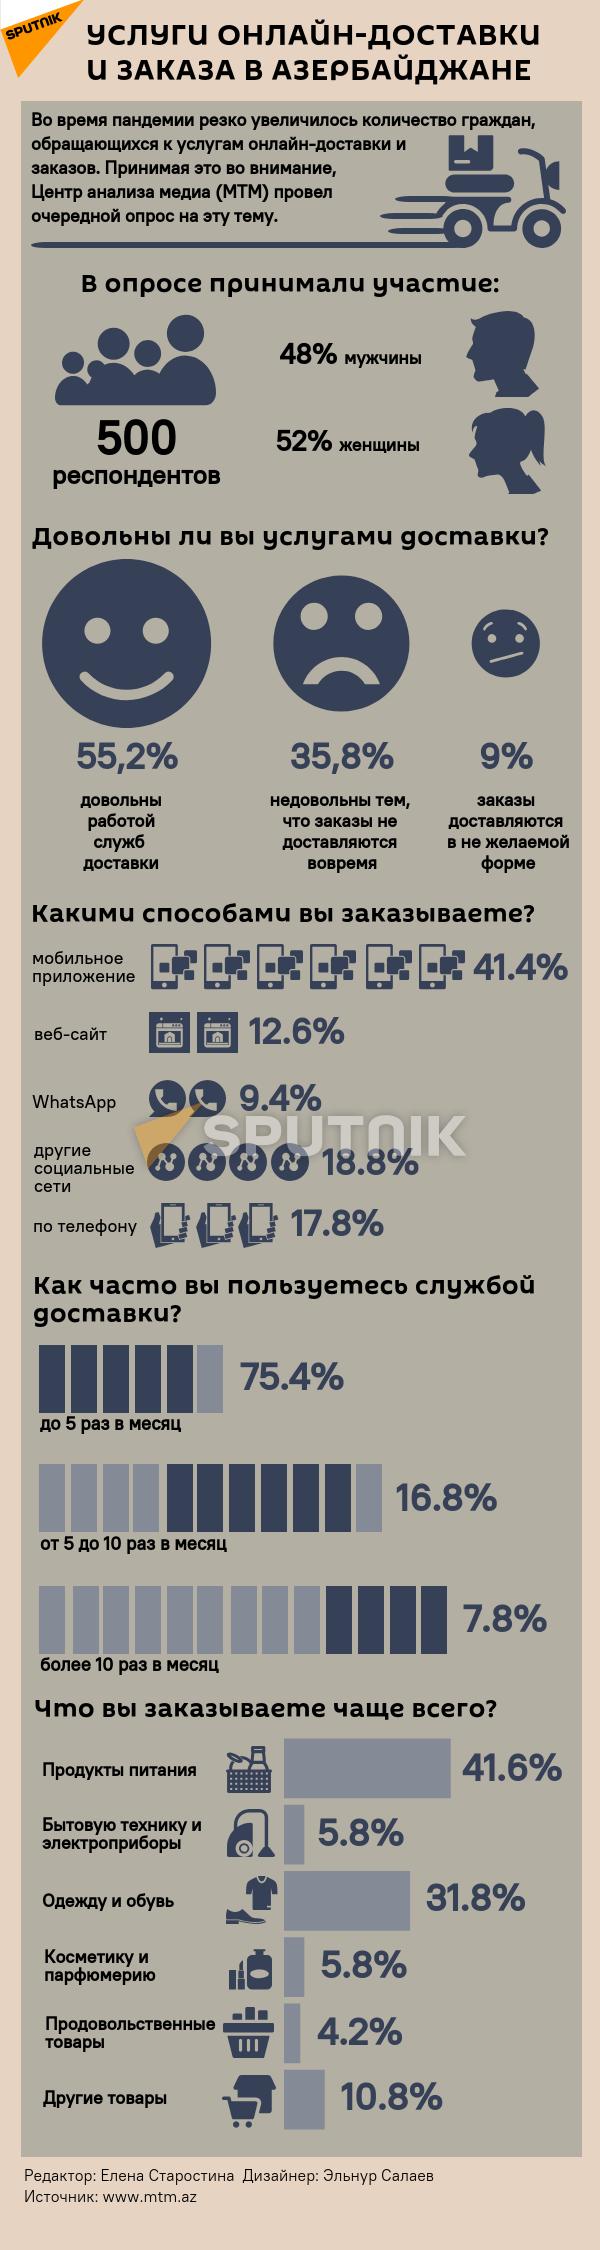 Инфографика: Услуги онлайн-доставки и заказа в Азербайджане - Sputnik Азербайджан, 1920, 02.09.2021